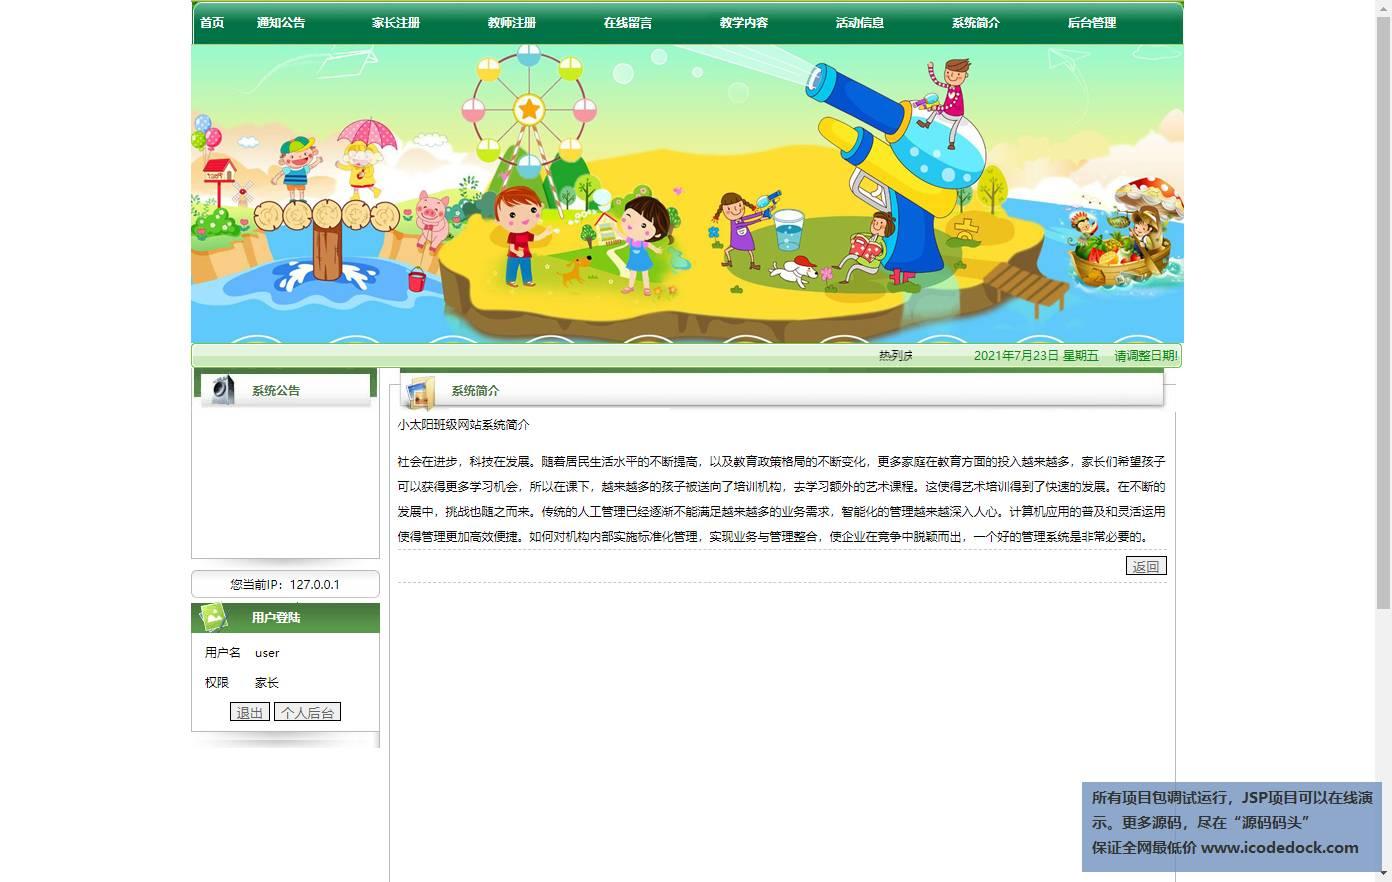 源码码头-JSP在线幼儿园管理包含官网系统平台-用户角色-查看系统简介